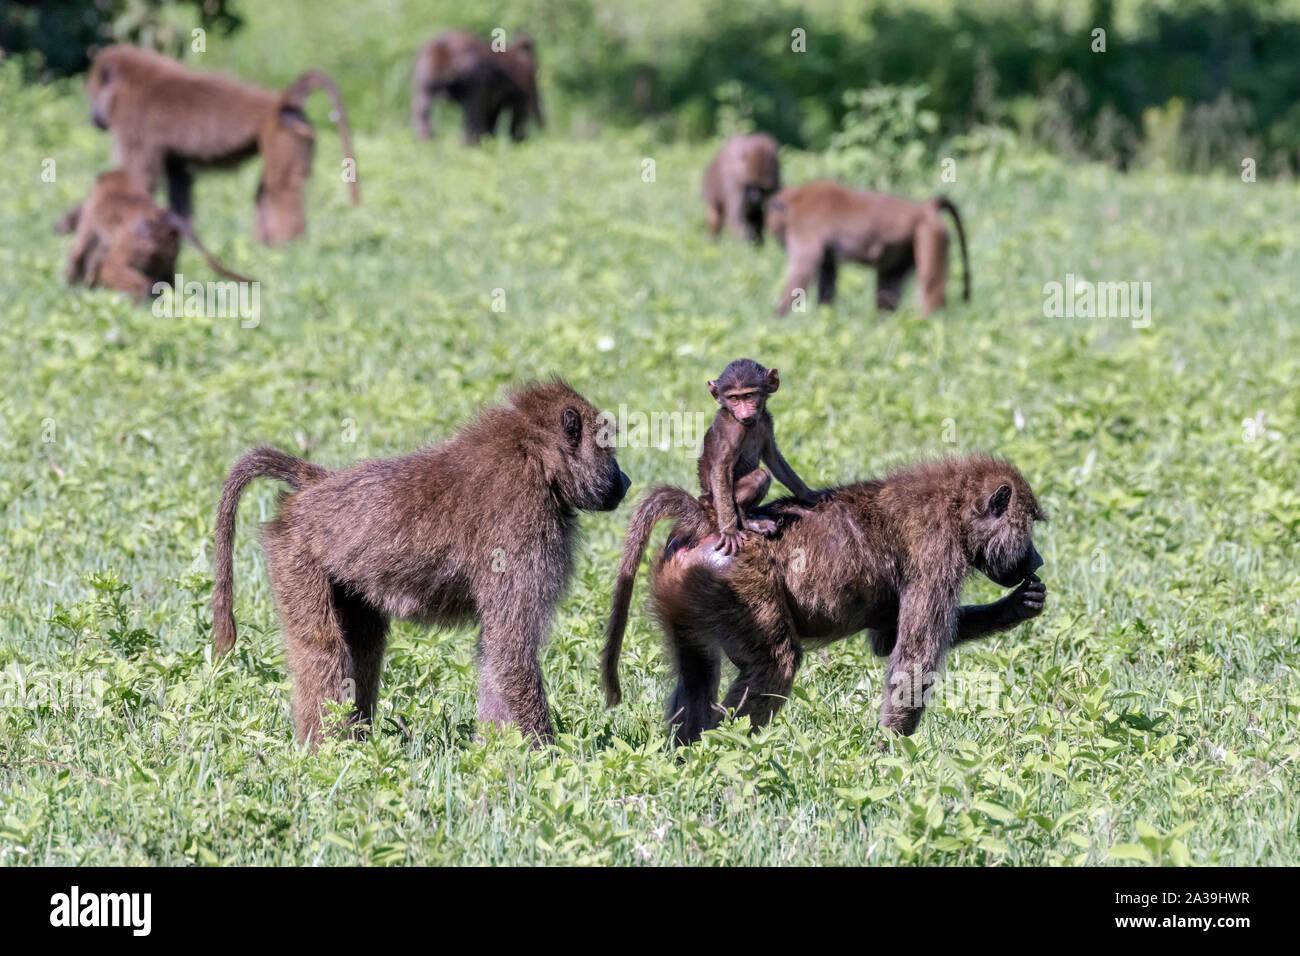 Troppo vicino per comfort, baby babbuino oliva reagisce a chiudere una grande presenza di babbuino, Cratere di Ngorongoro, Tanzania Foto Stock